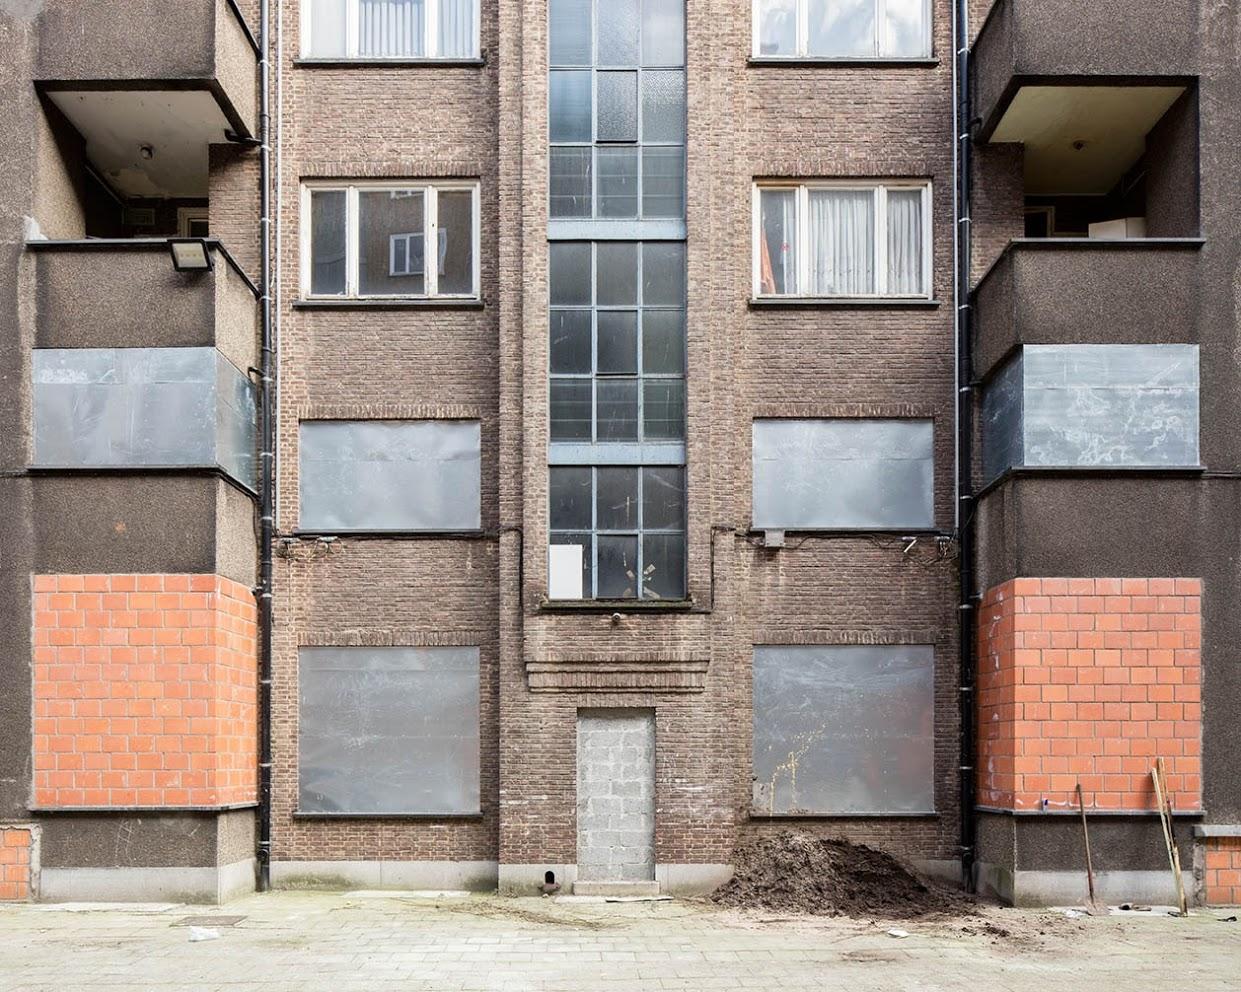 Kronenburgstraat-7319-20.jpg